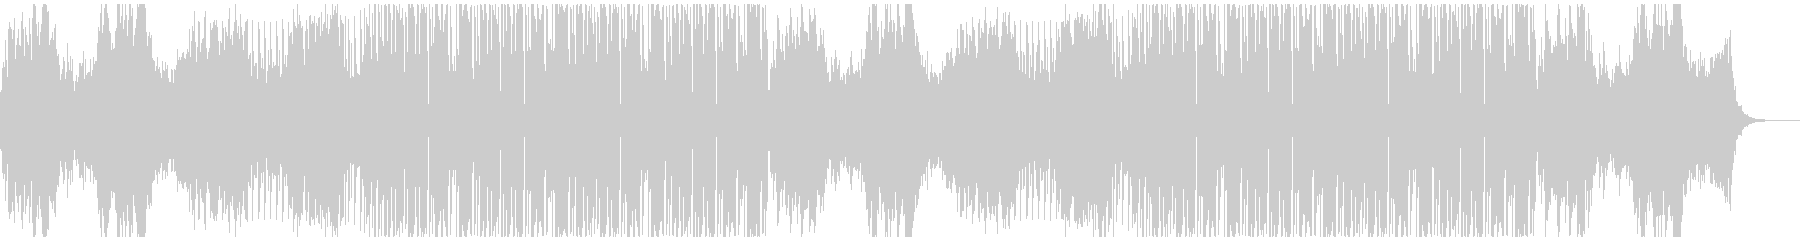 ごちゃ混ぜのコンプレックスエレクトロの未再生の波形